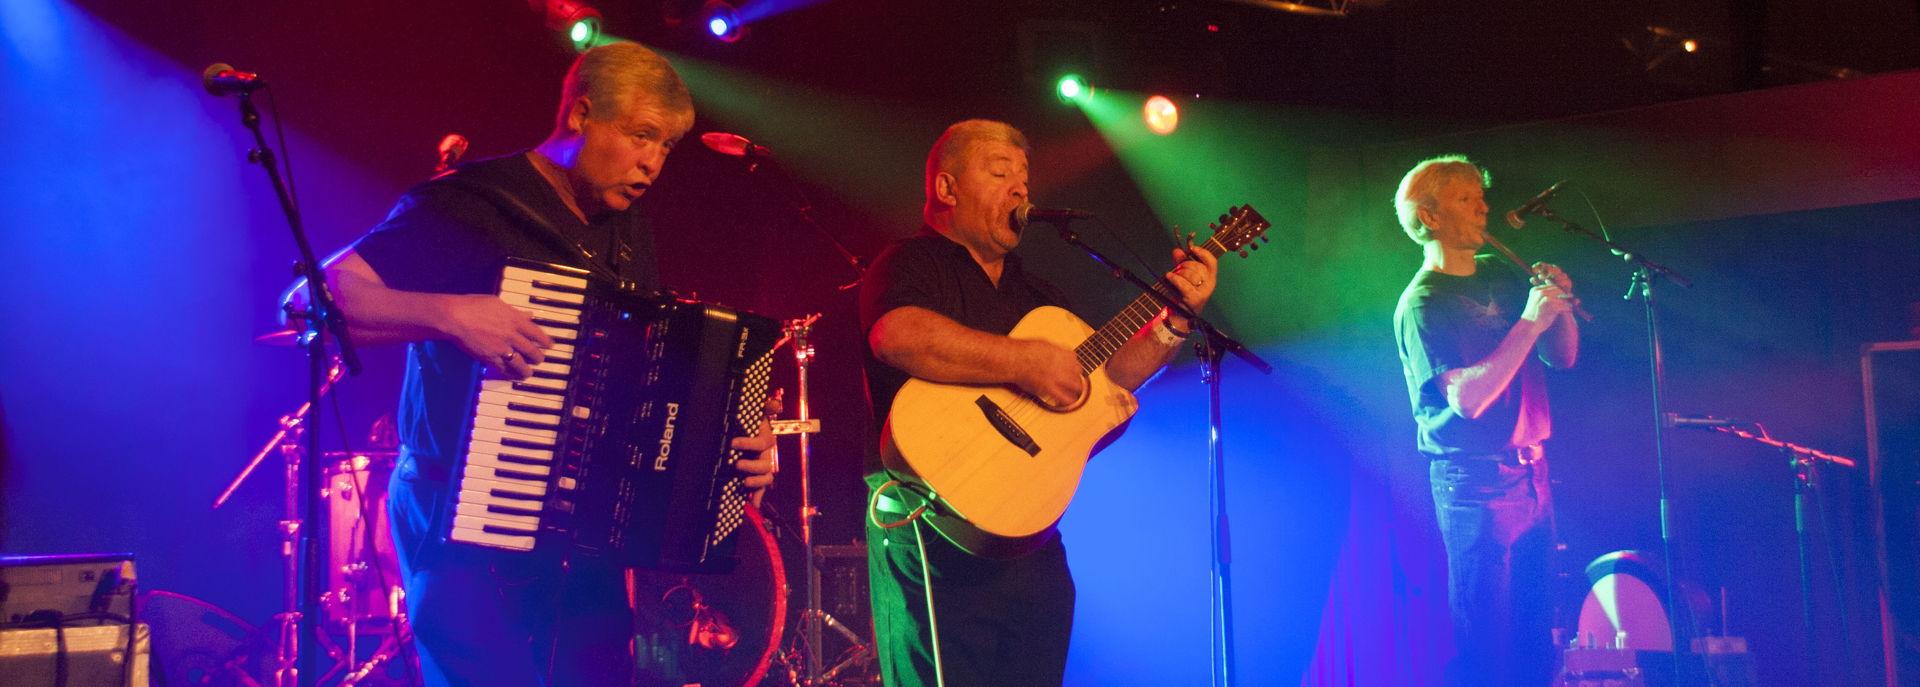 Dubh Linn speelt ieder jaar op het Irish Festival in De Tamboer.